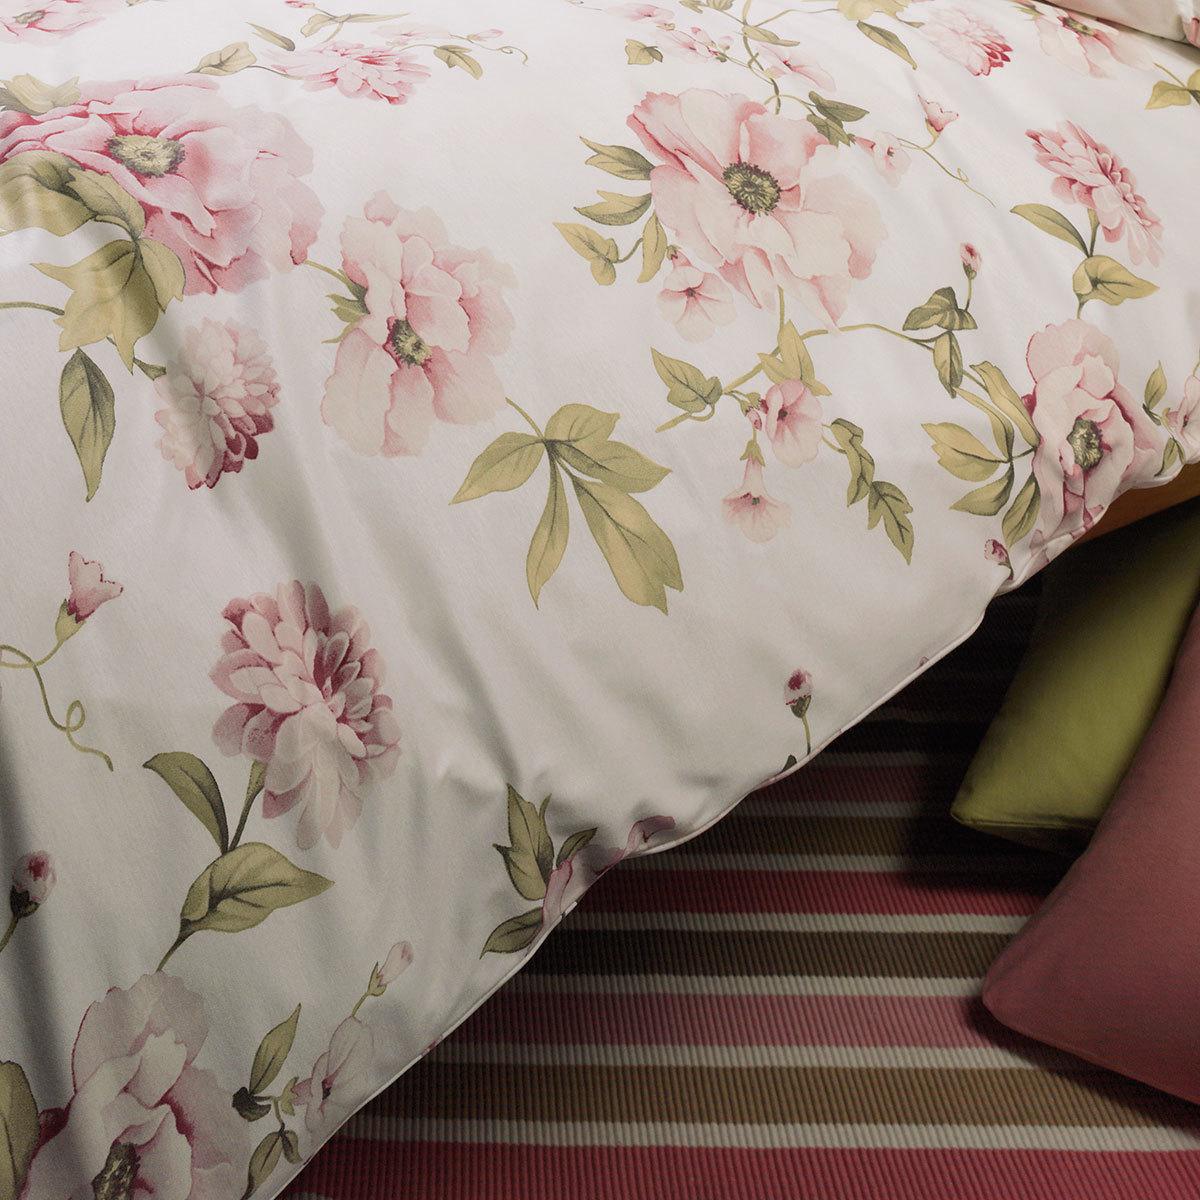 estella mako interlock jersey bettw sche ellis rosa g nstig online kaufen bei bettwaren shop. Black Bedroom Furniture Sets. Home Design Ideas